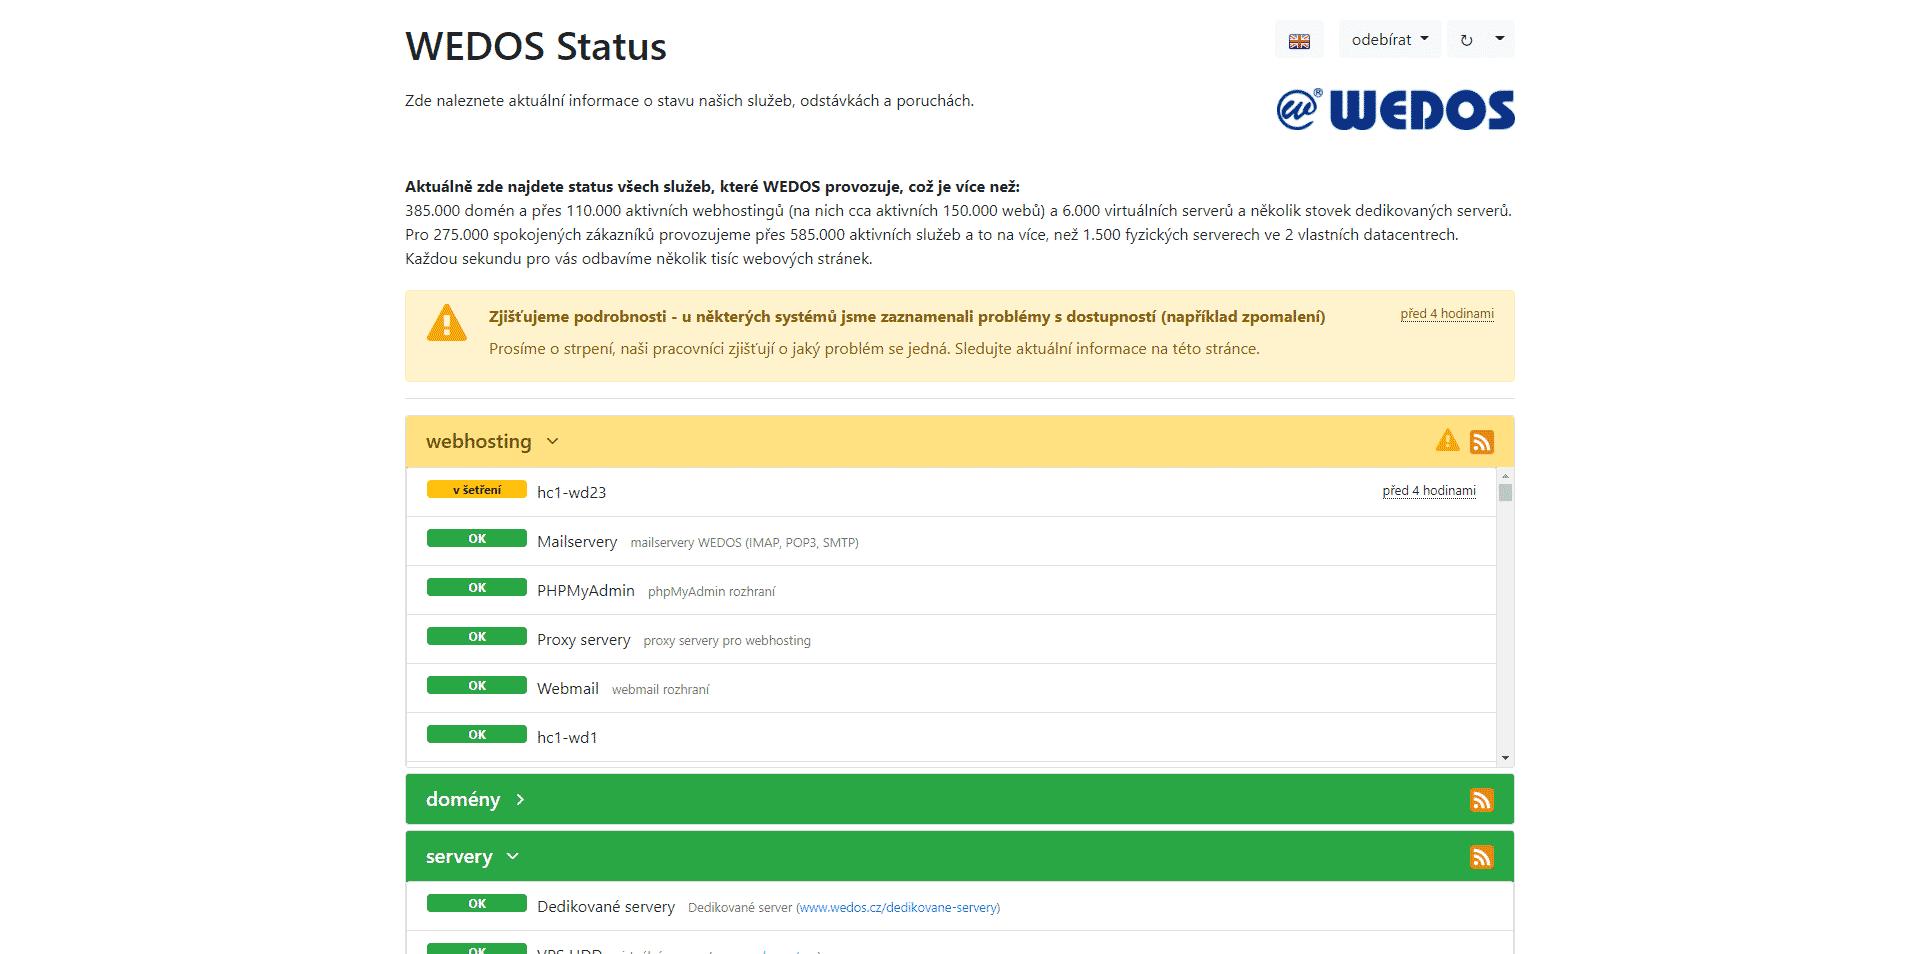 Wedos Status, problémy s dostupností